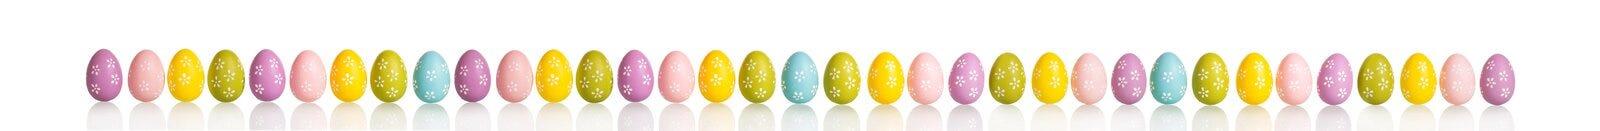 Härliga ljusa kulöra ägg för påsken semestrar isolerat royaltyfri bild